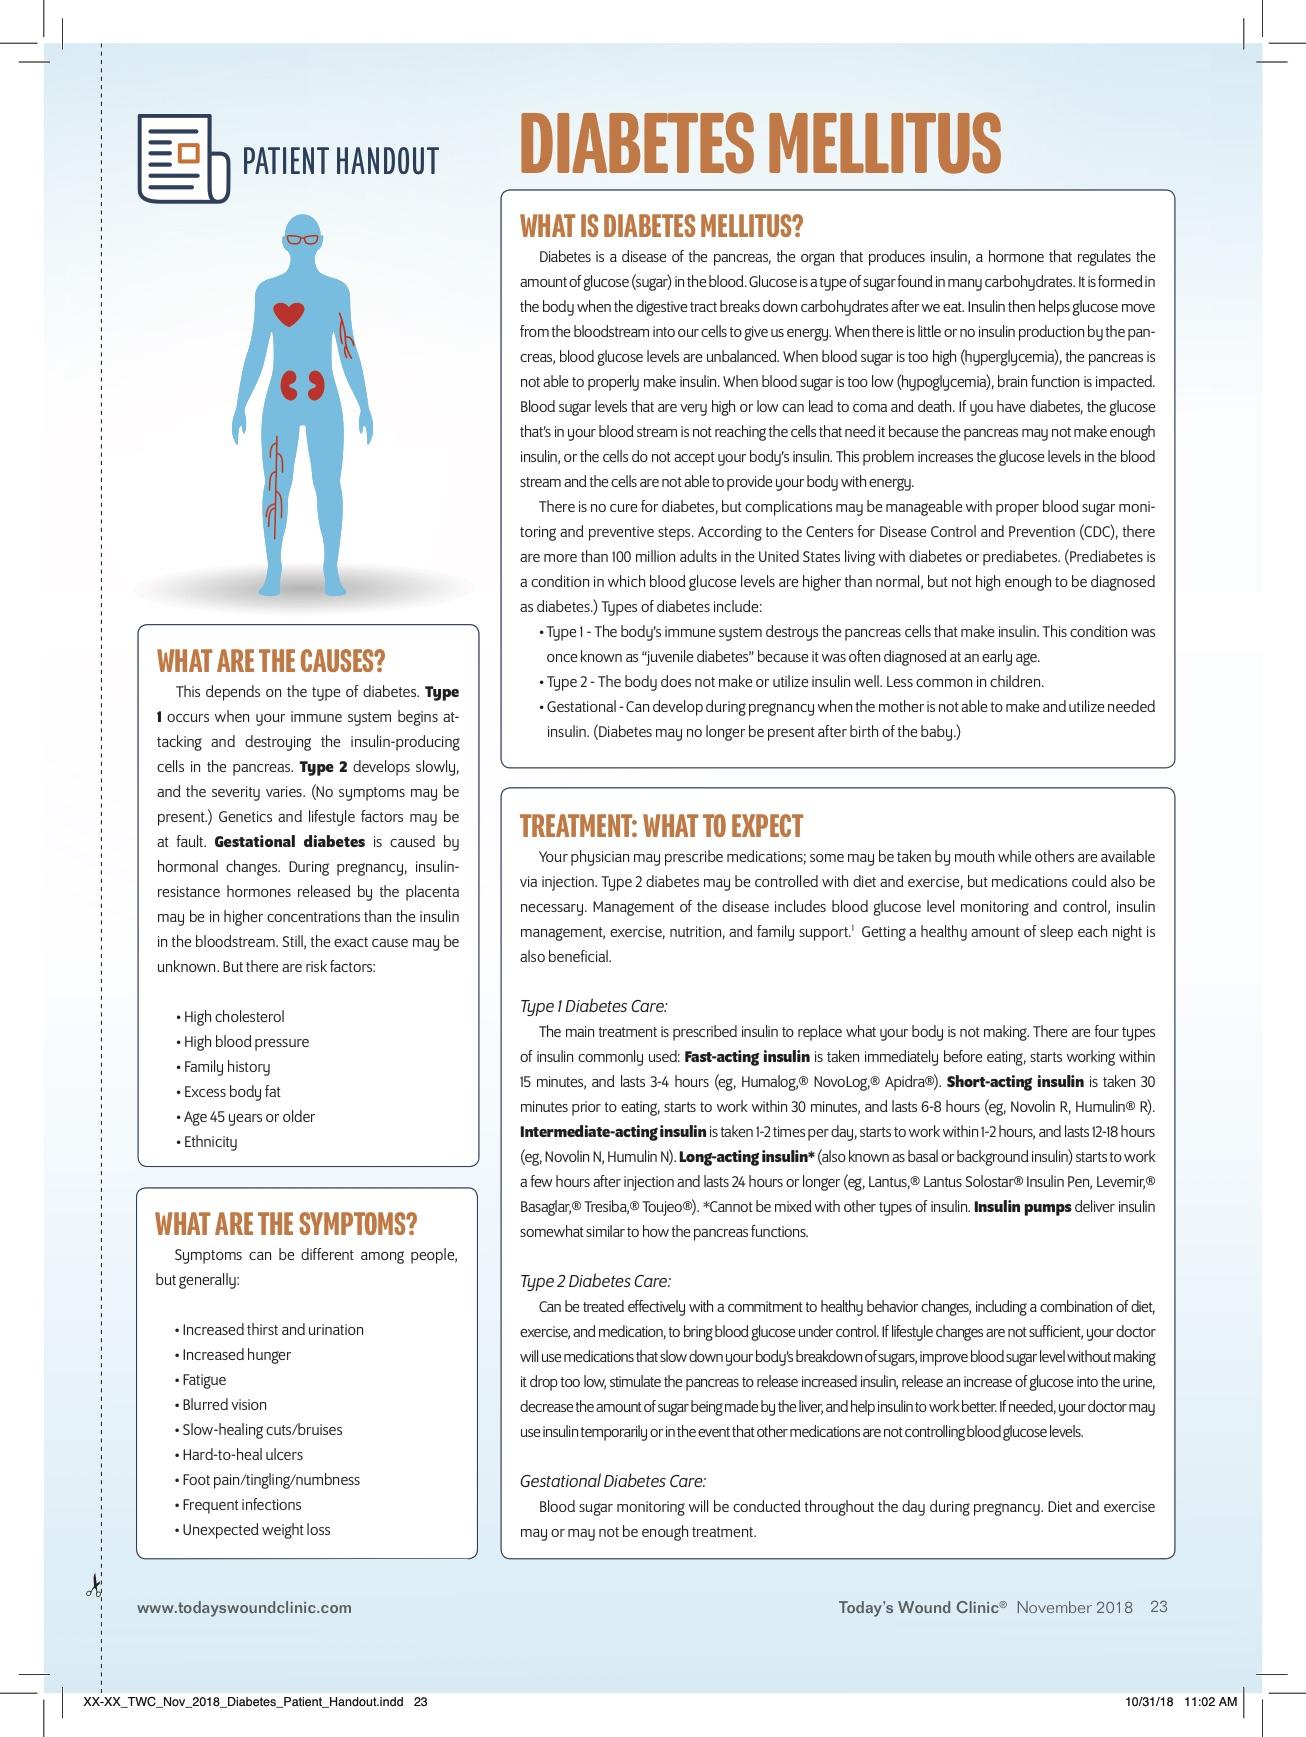 Patient Handout Diabetes Mellitus